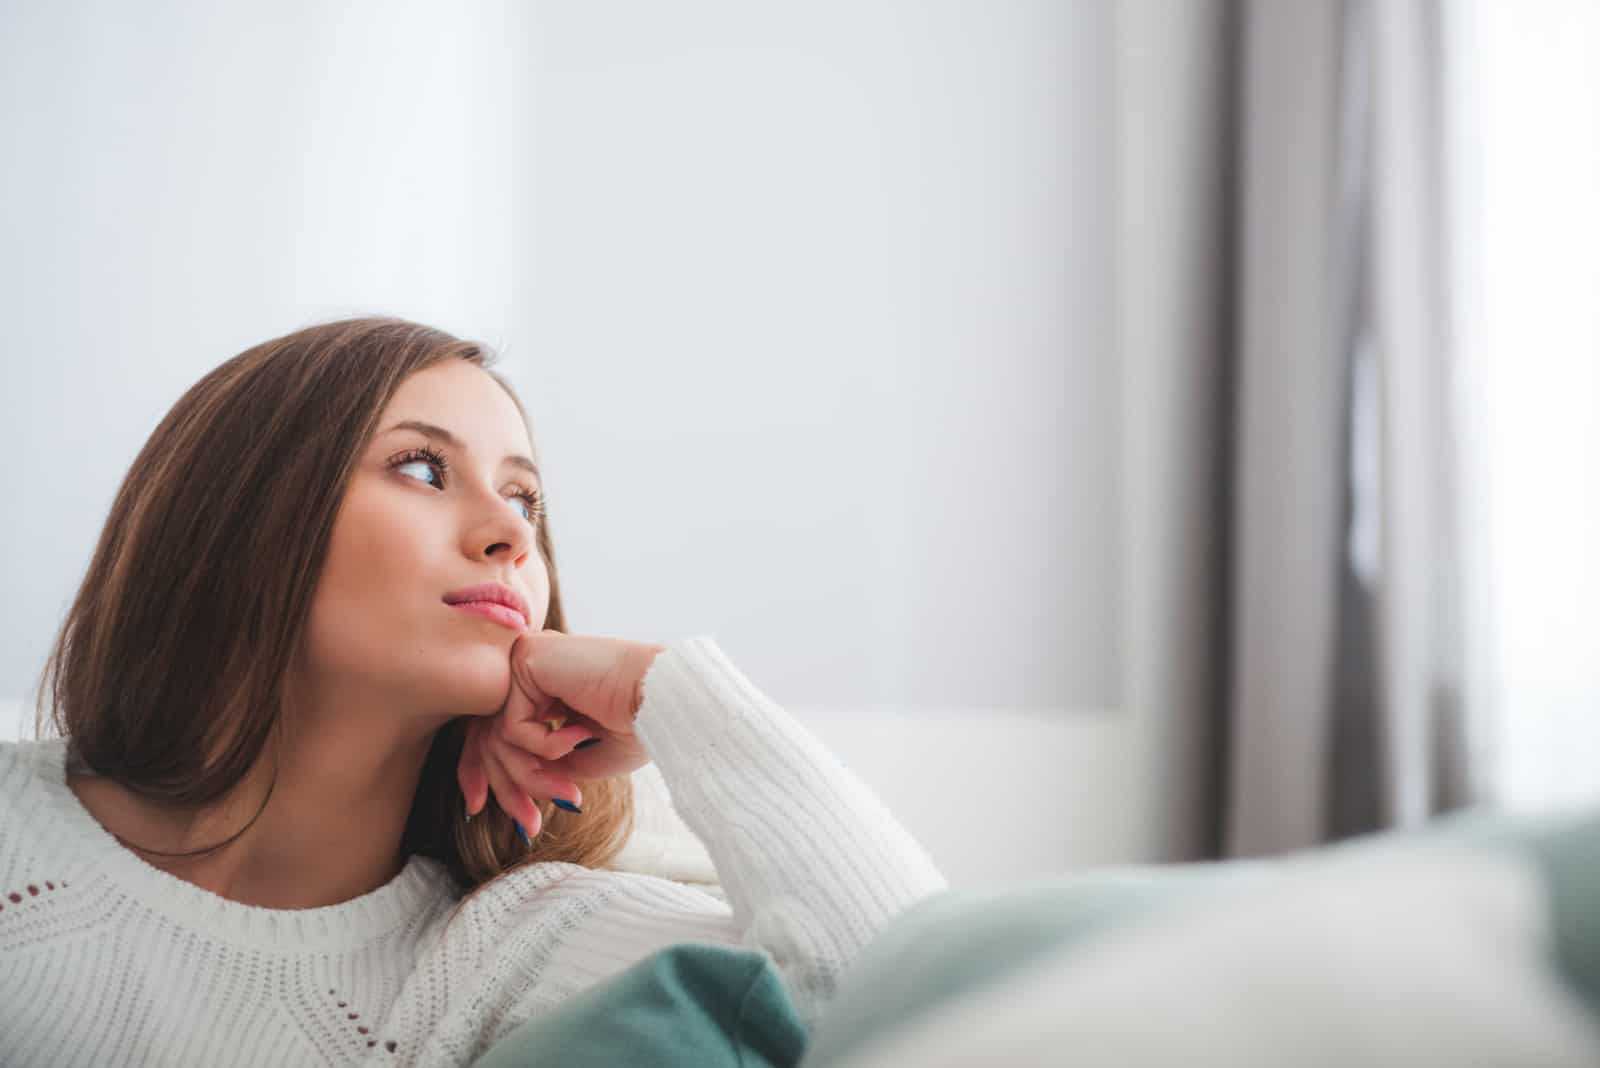 Frau sitzt auf dem Sofa zu Hause tief in Gedanken